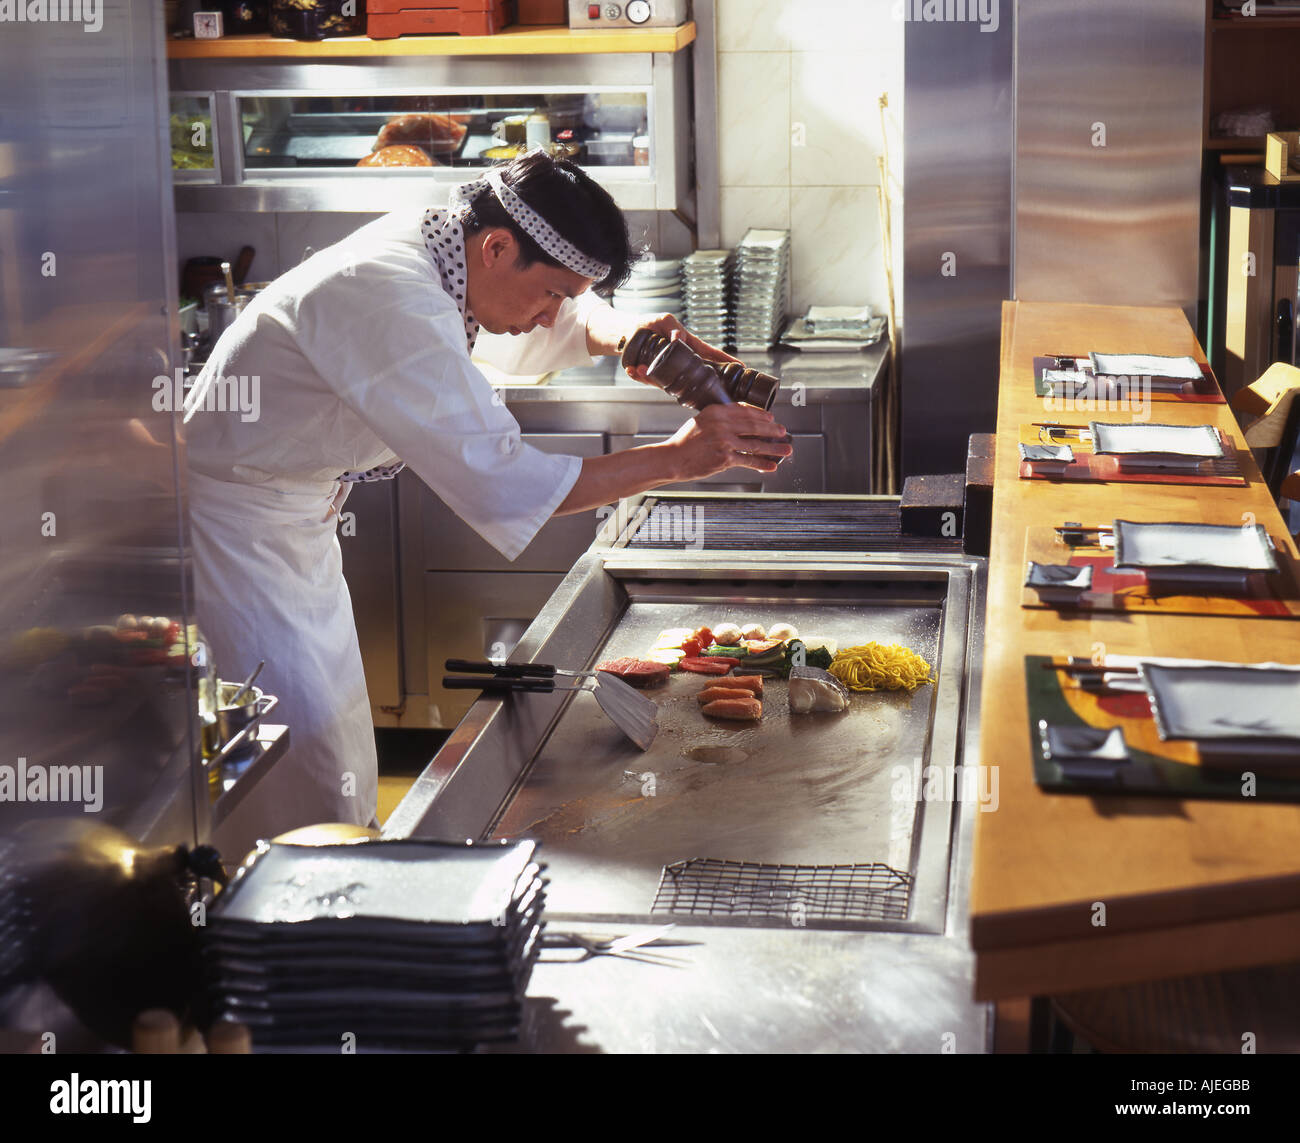 Japanische Koch Zubereitung Von Speisen Auf Heisser Platte